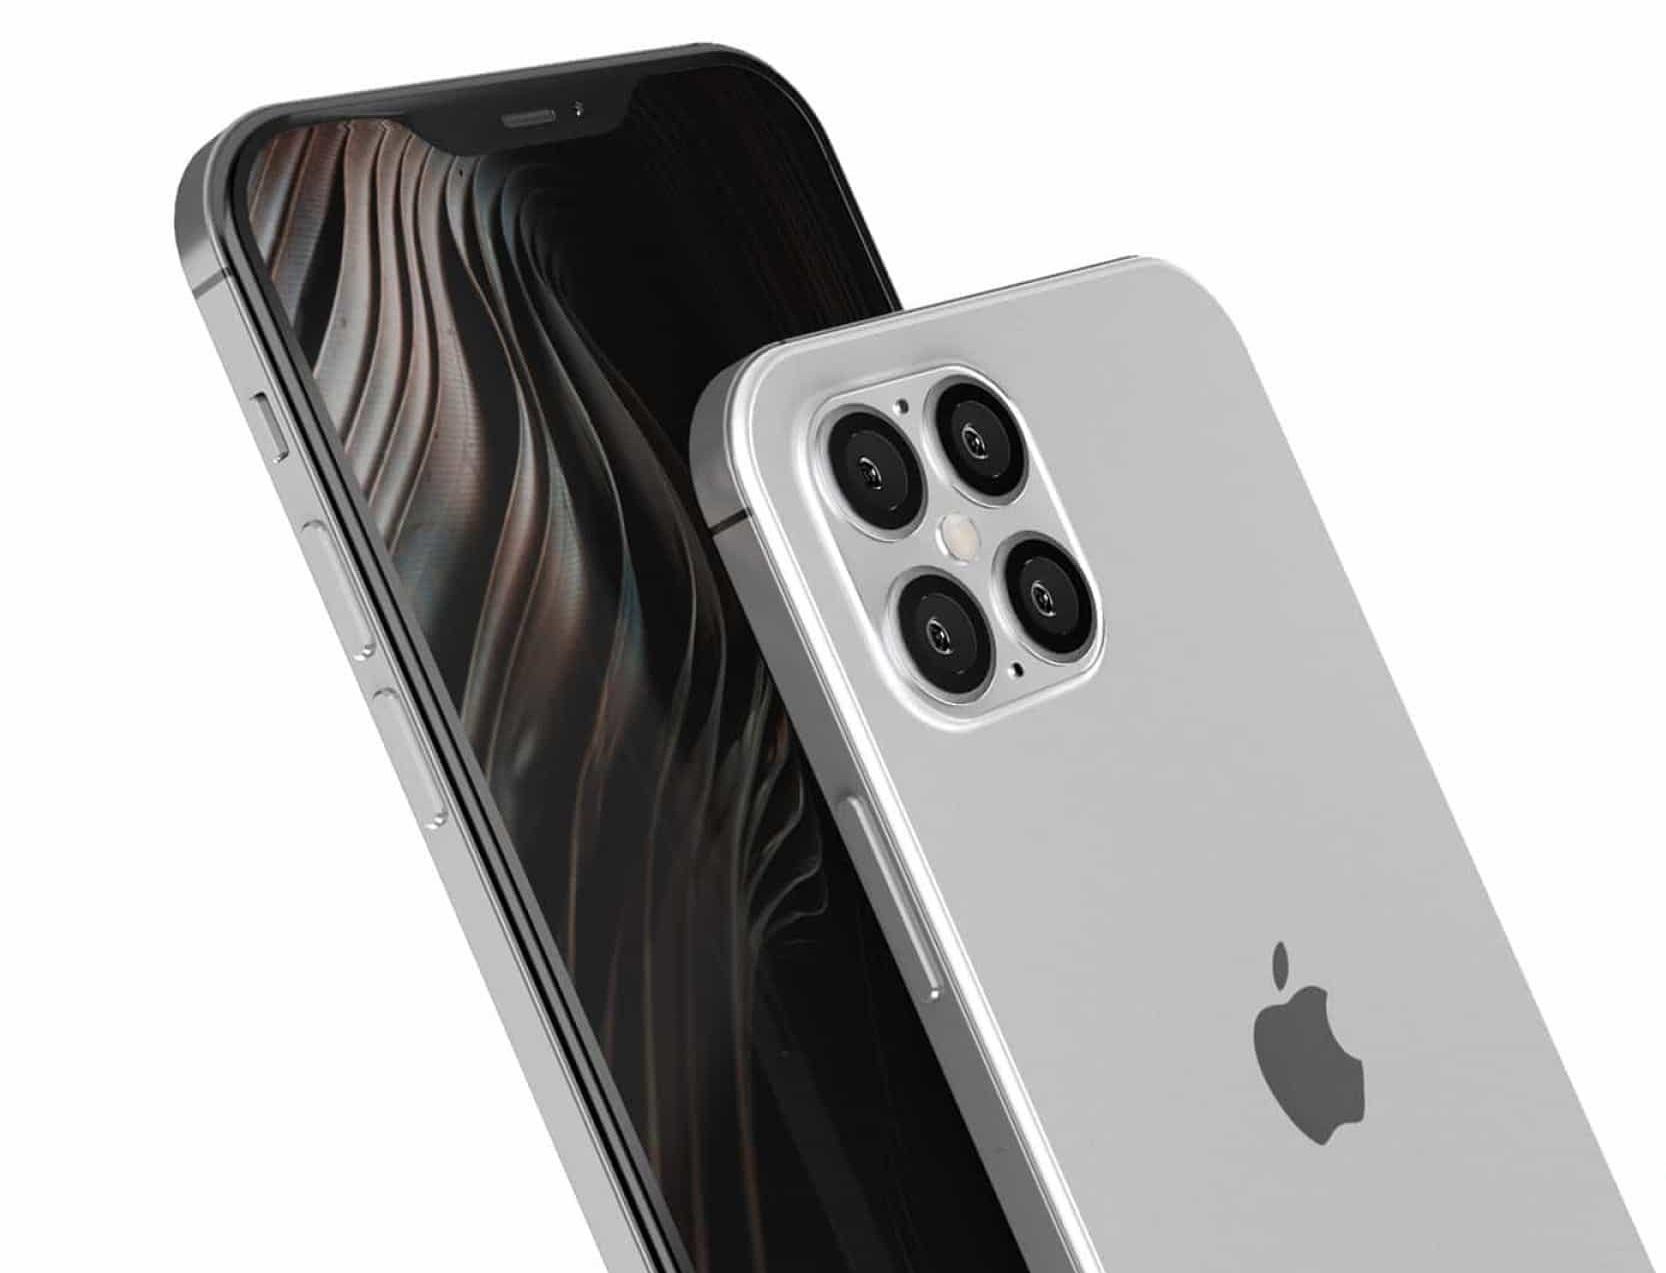 هاتف ايفون 12 مواصفاته وأسعاره وأهم مميزاته وعيوبه